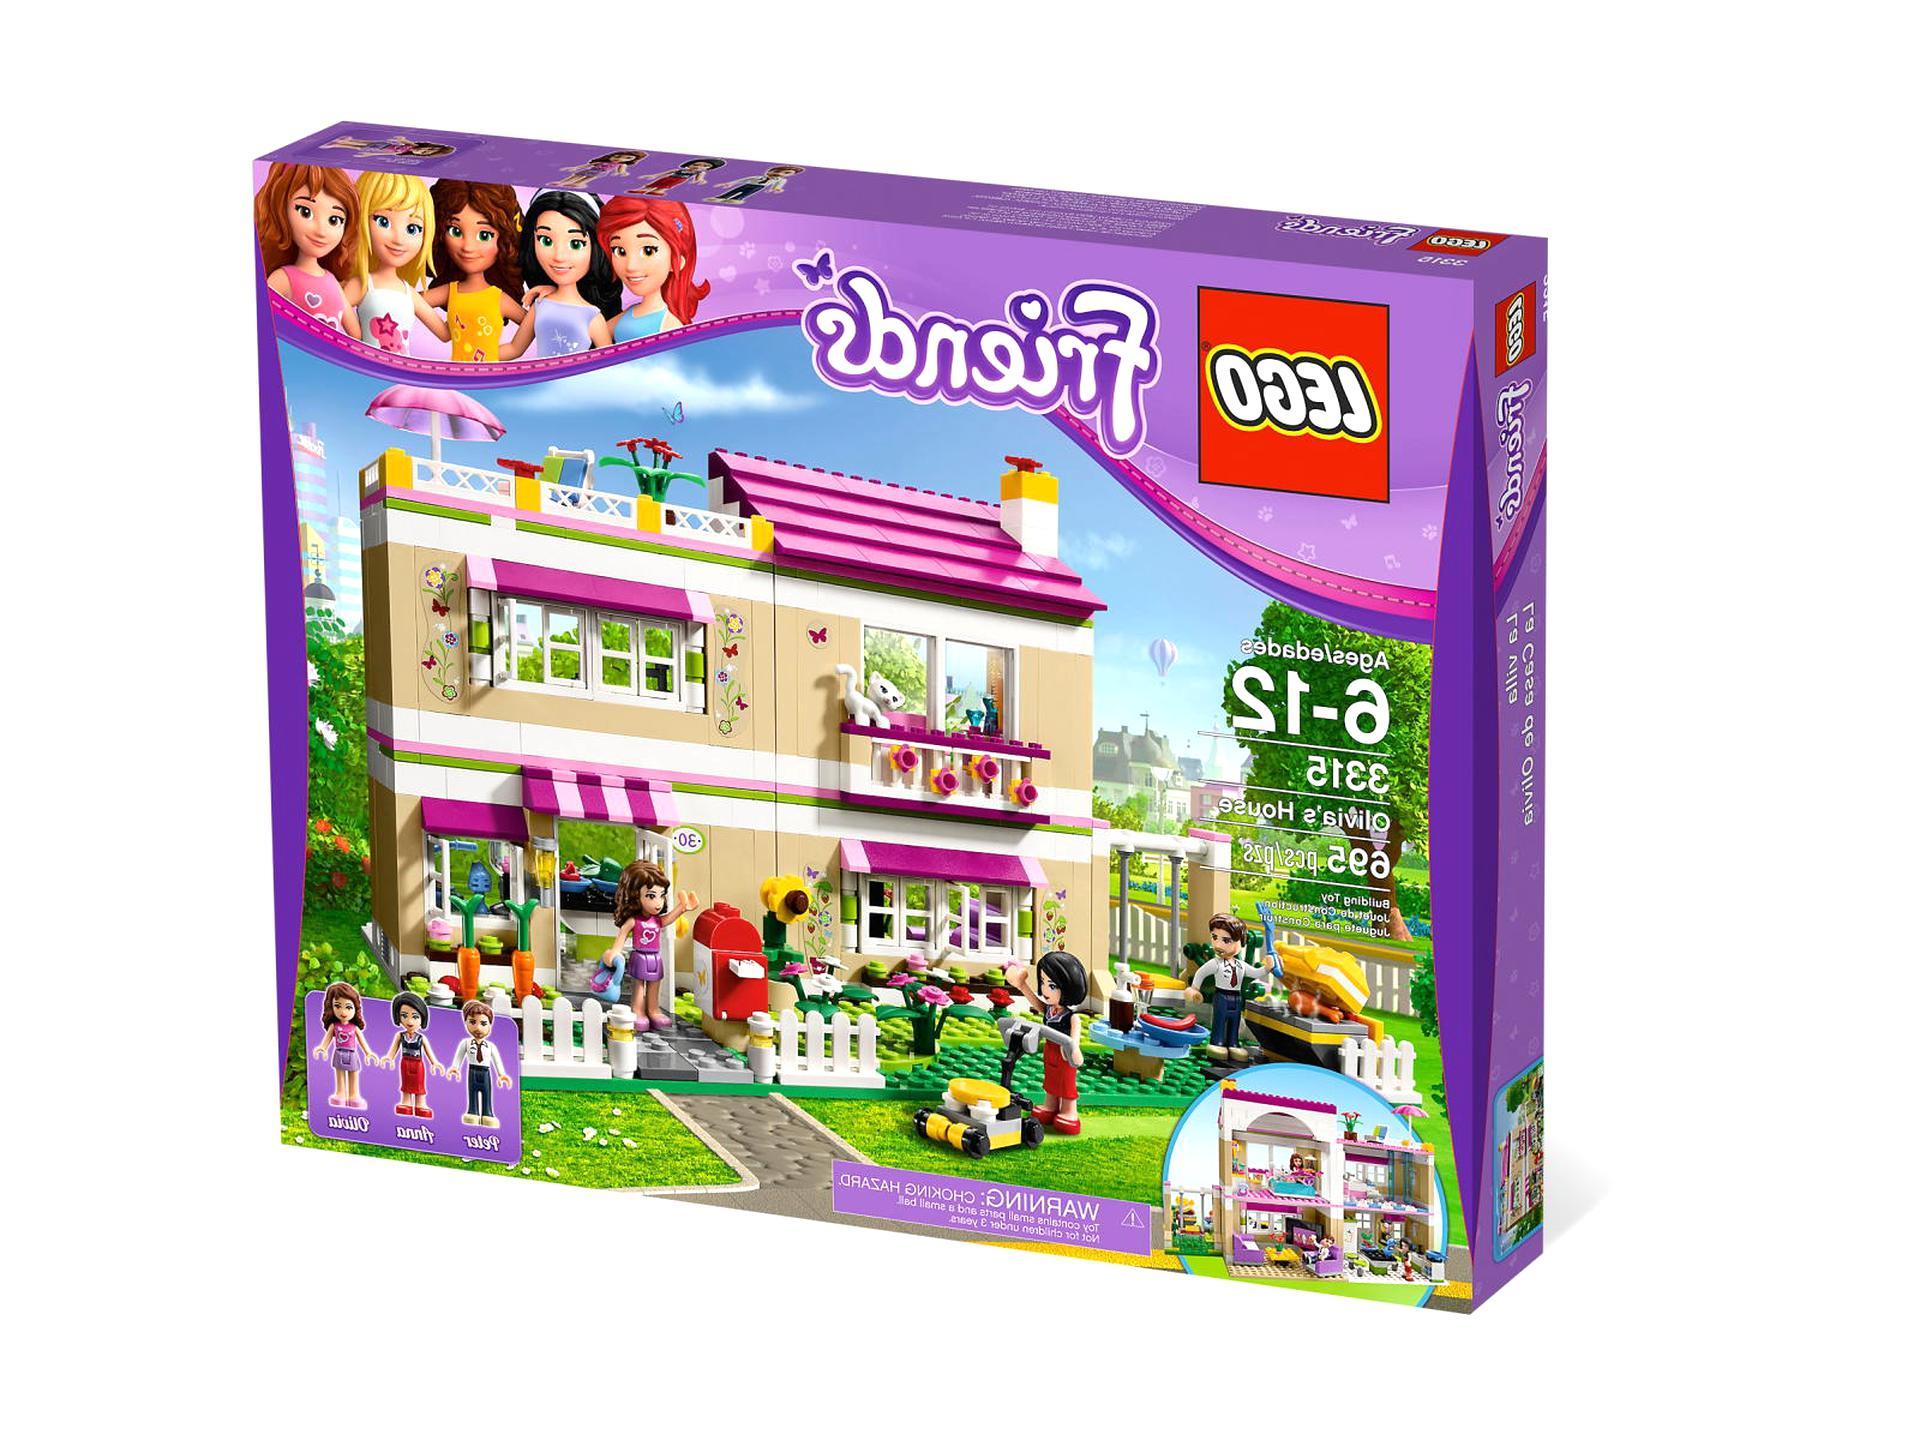 Friends Lego 3315 D'occasion | Plus Que 3 À -70% à Ecole Lego Friends